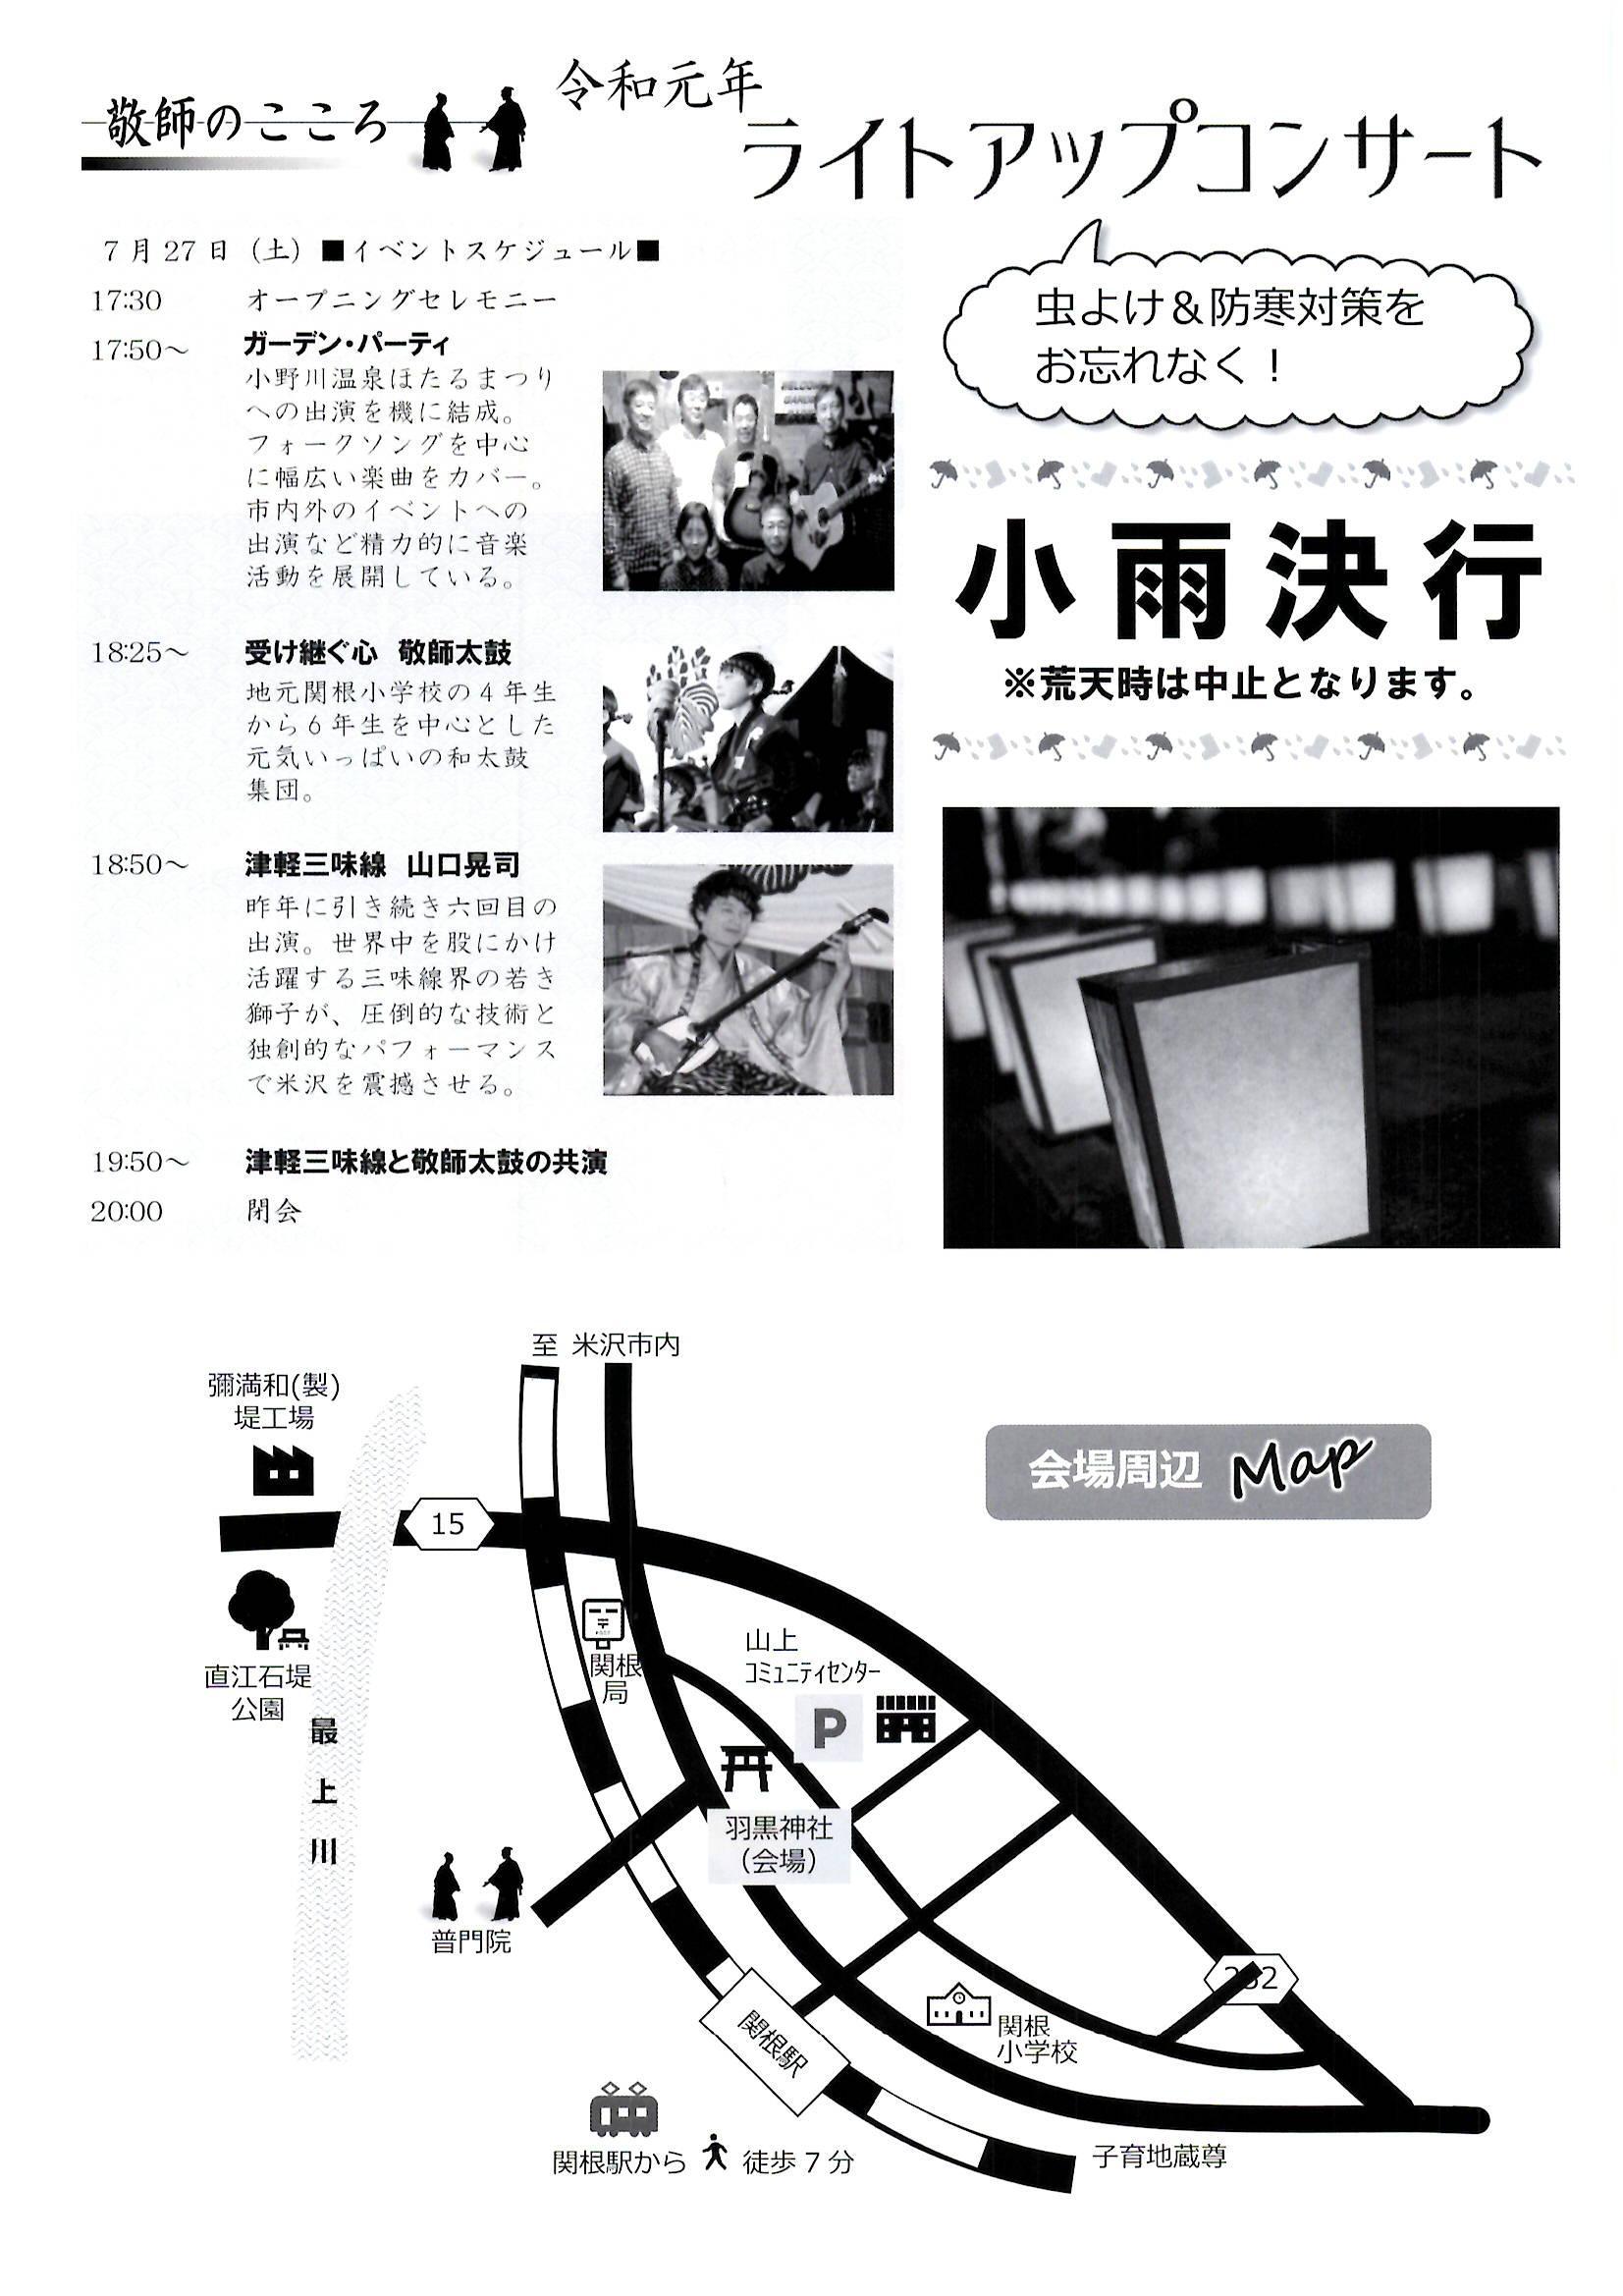 「令和元年 敬師のこころライトアップコンサート」のお知らせ